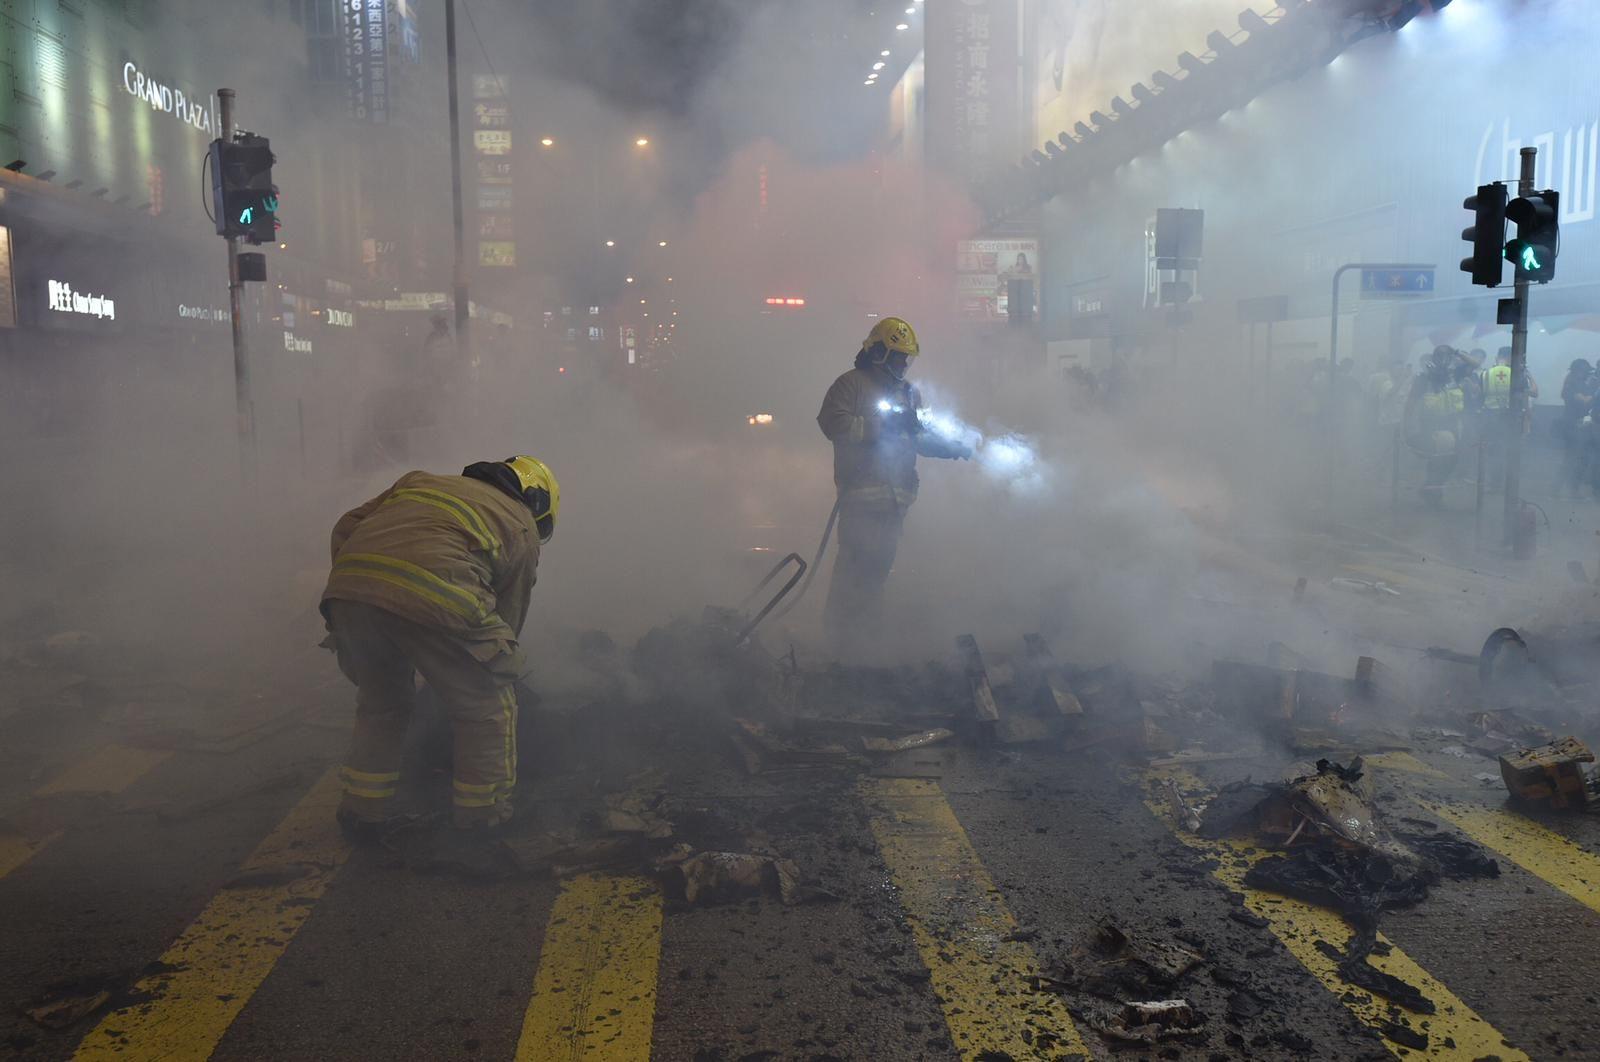 【修例风波】旺角站入闸机被破坏 示威者弥敦道近山东街交界再纵火